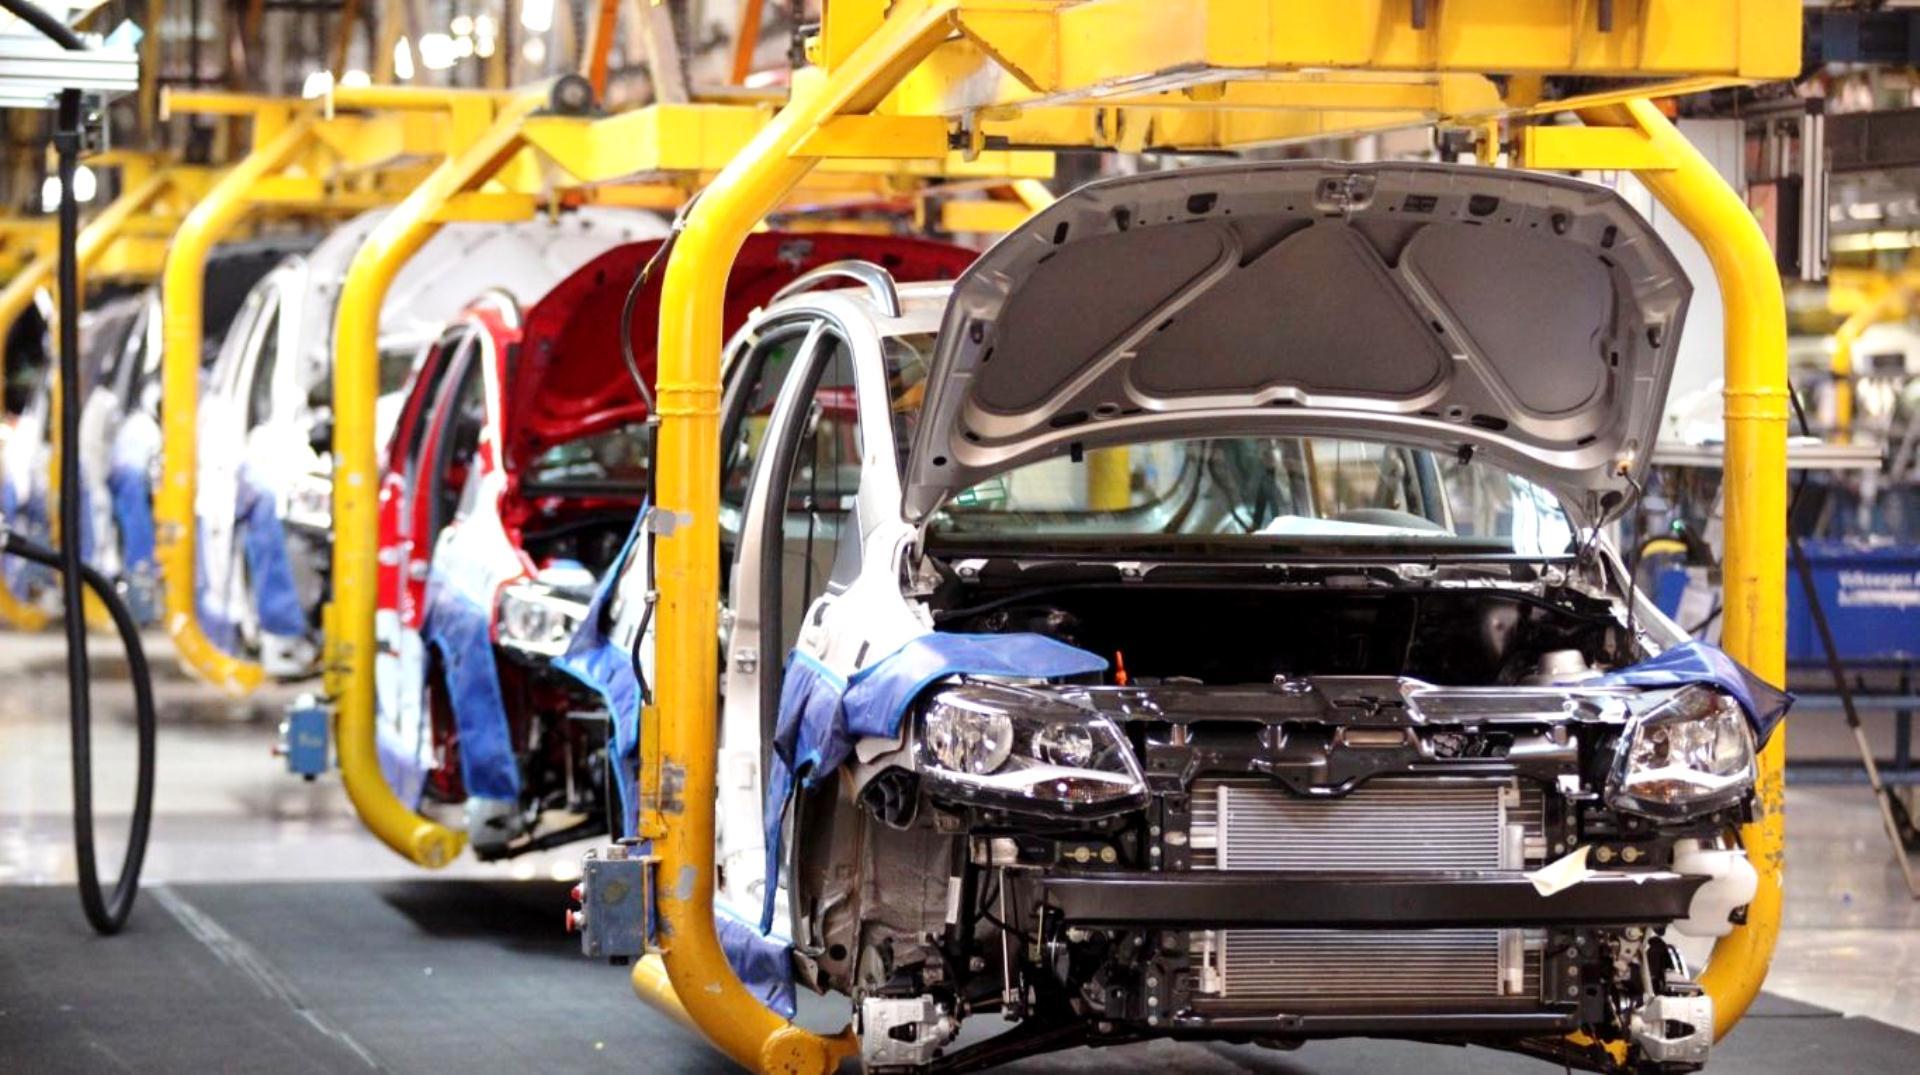 La producción de autopartes metalúrgicas retrocedió 10,7% en 2019 ...